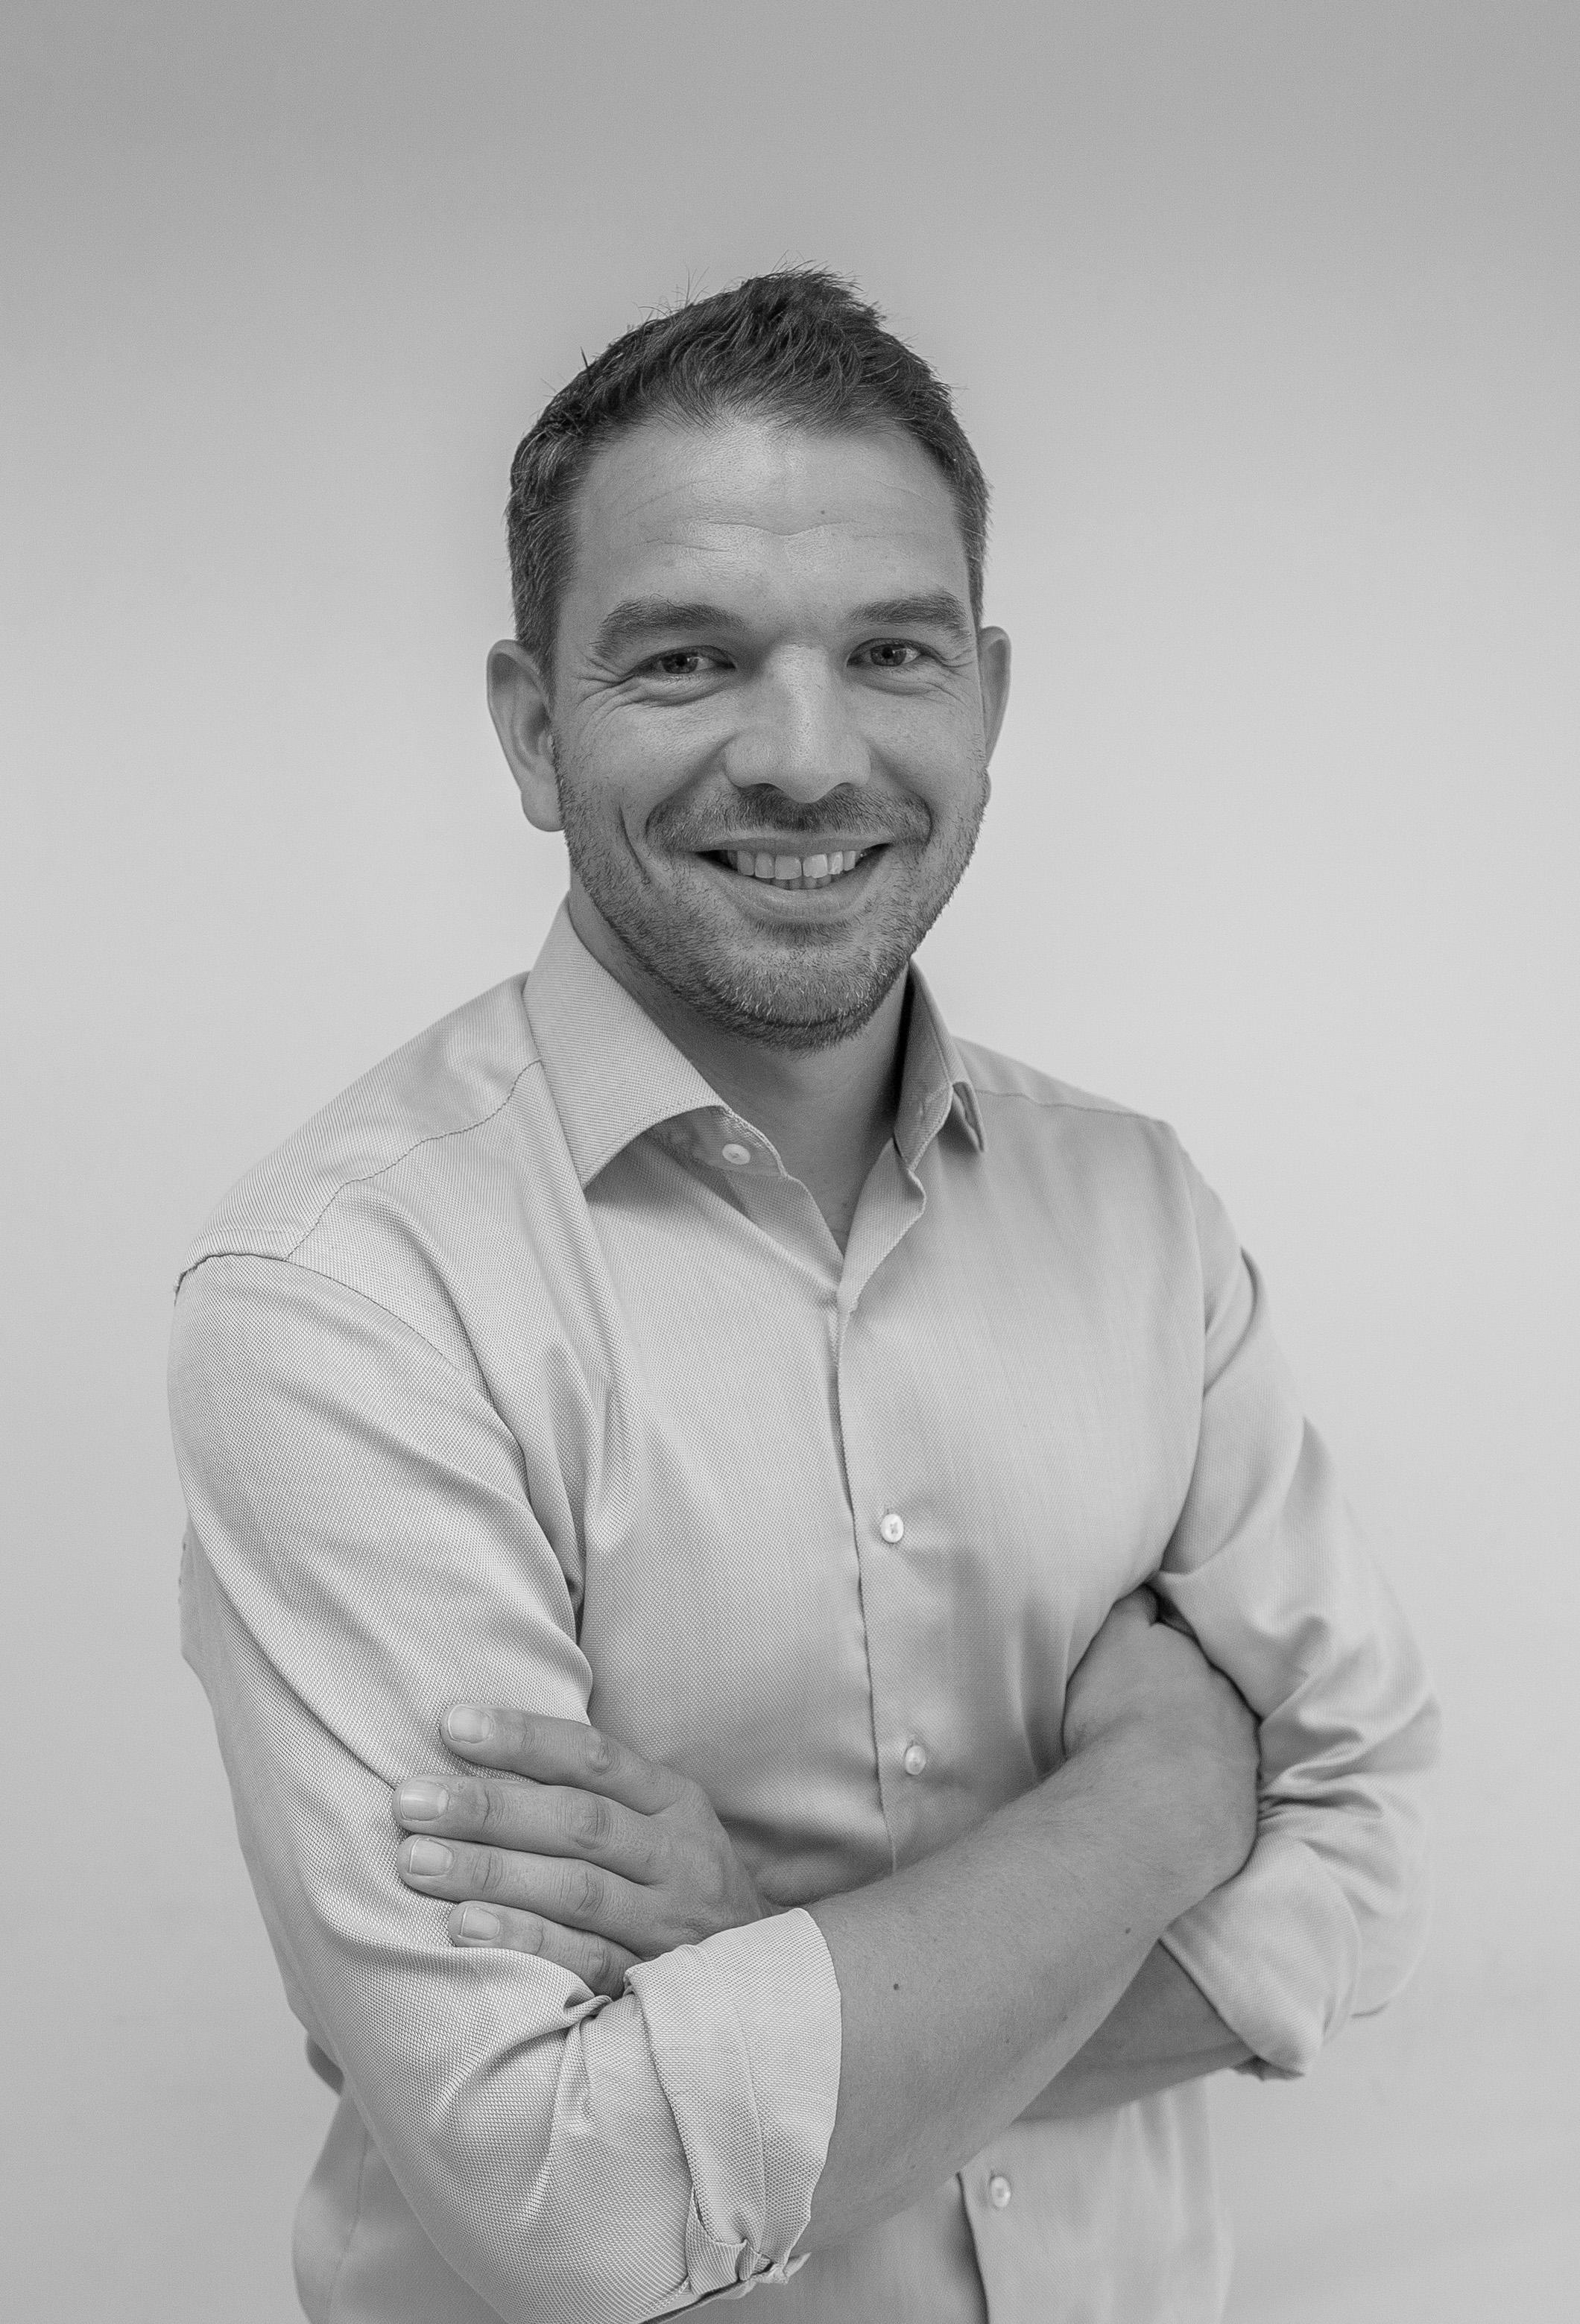 Peter Schiøler